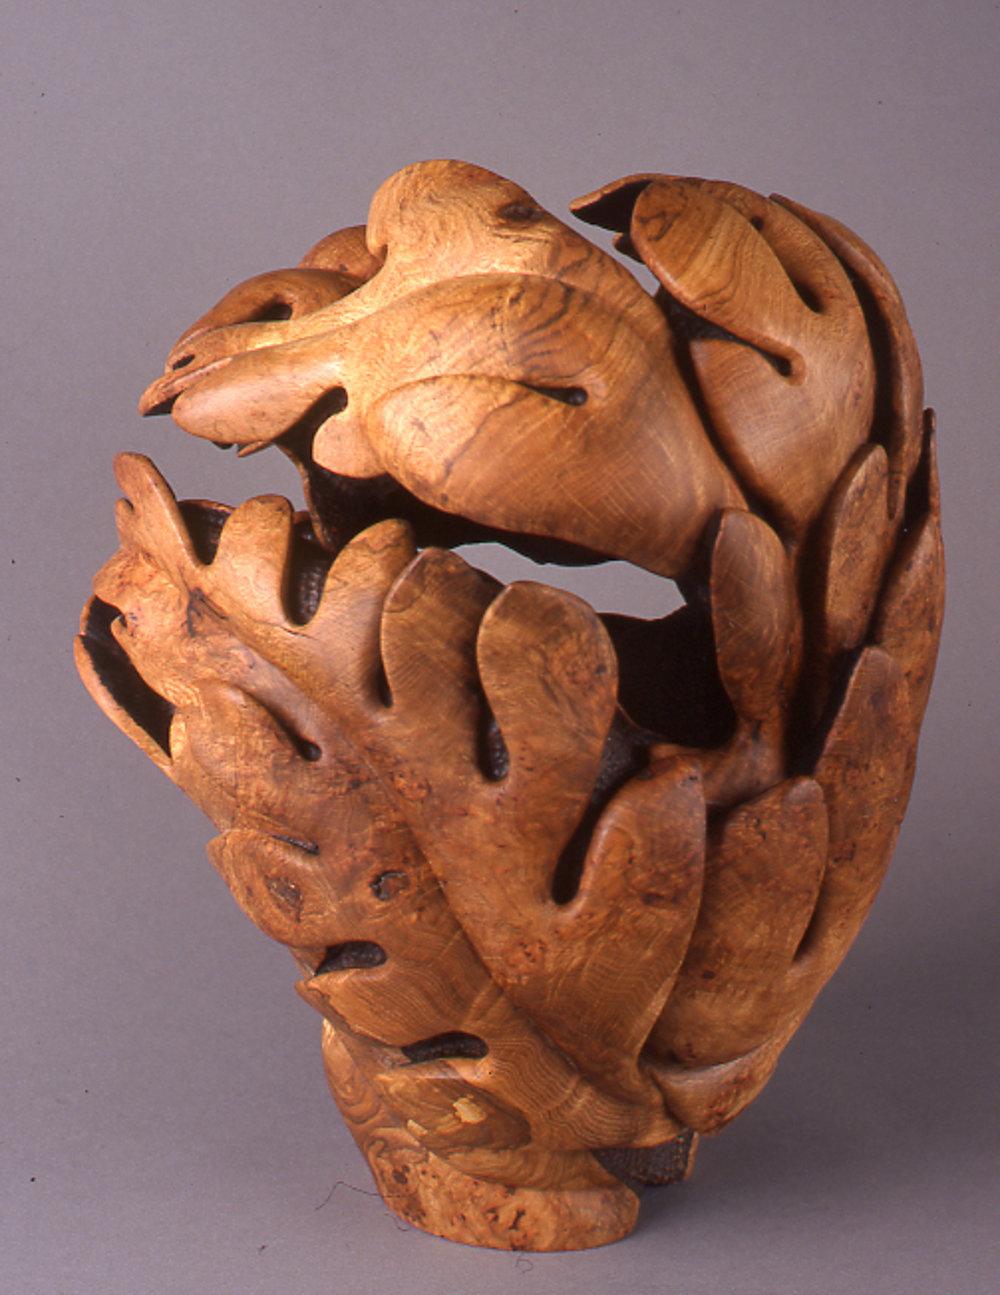 Quercus Vase, 1998